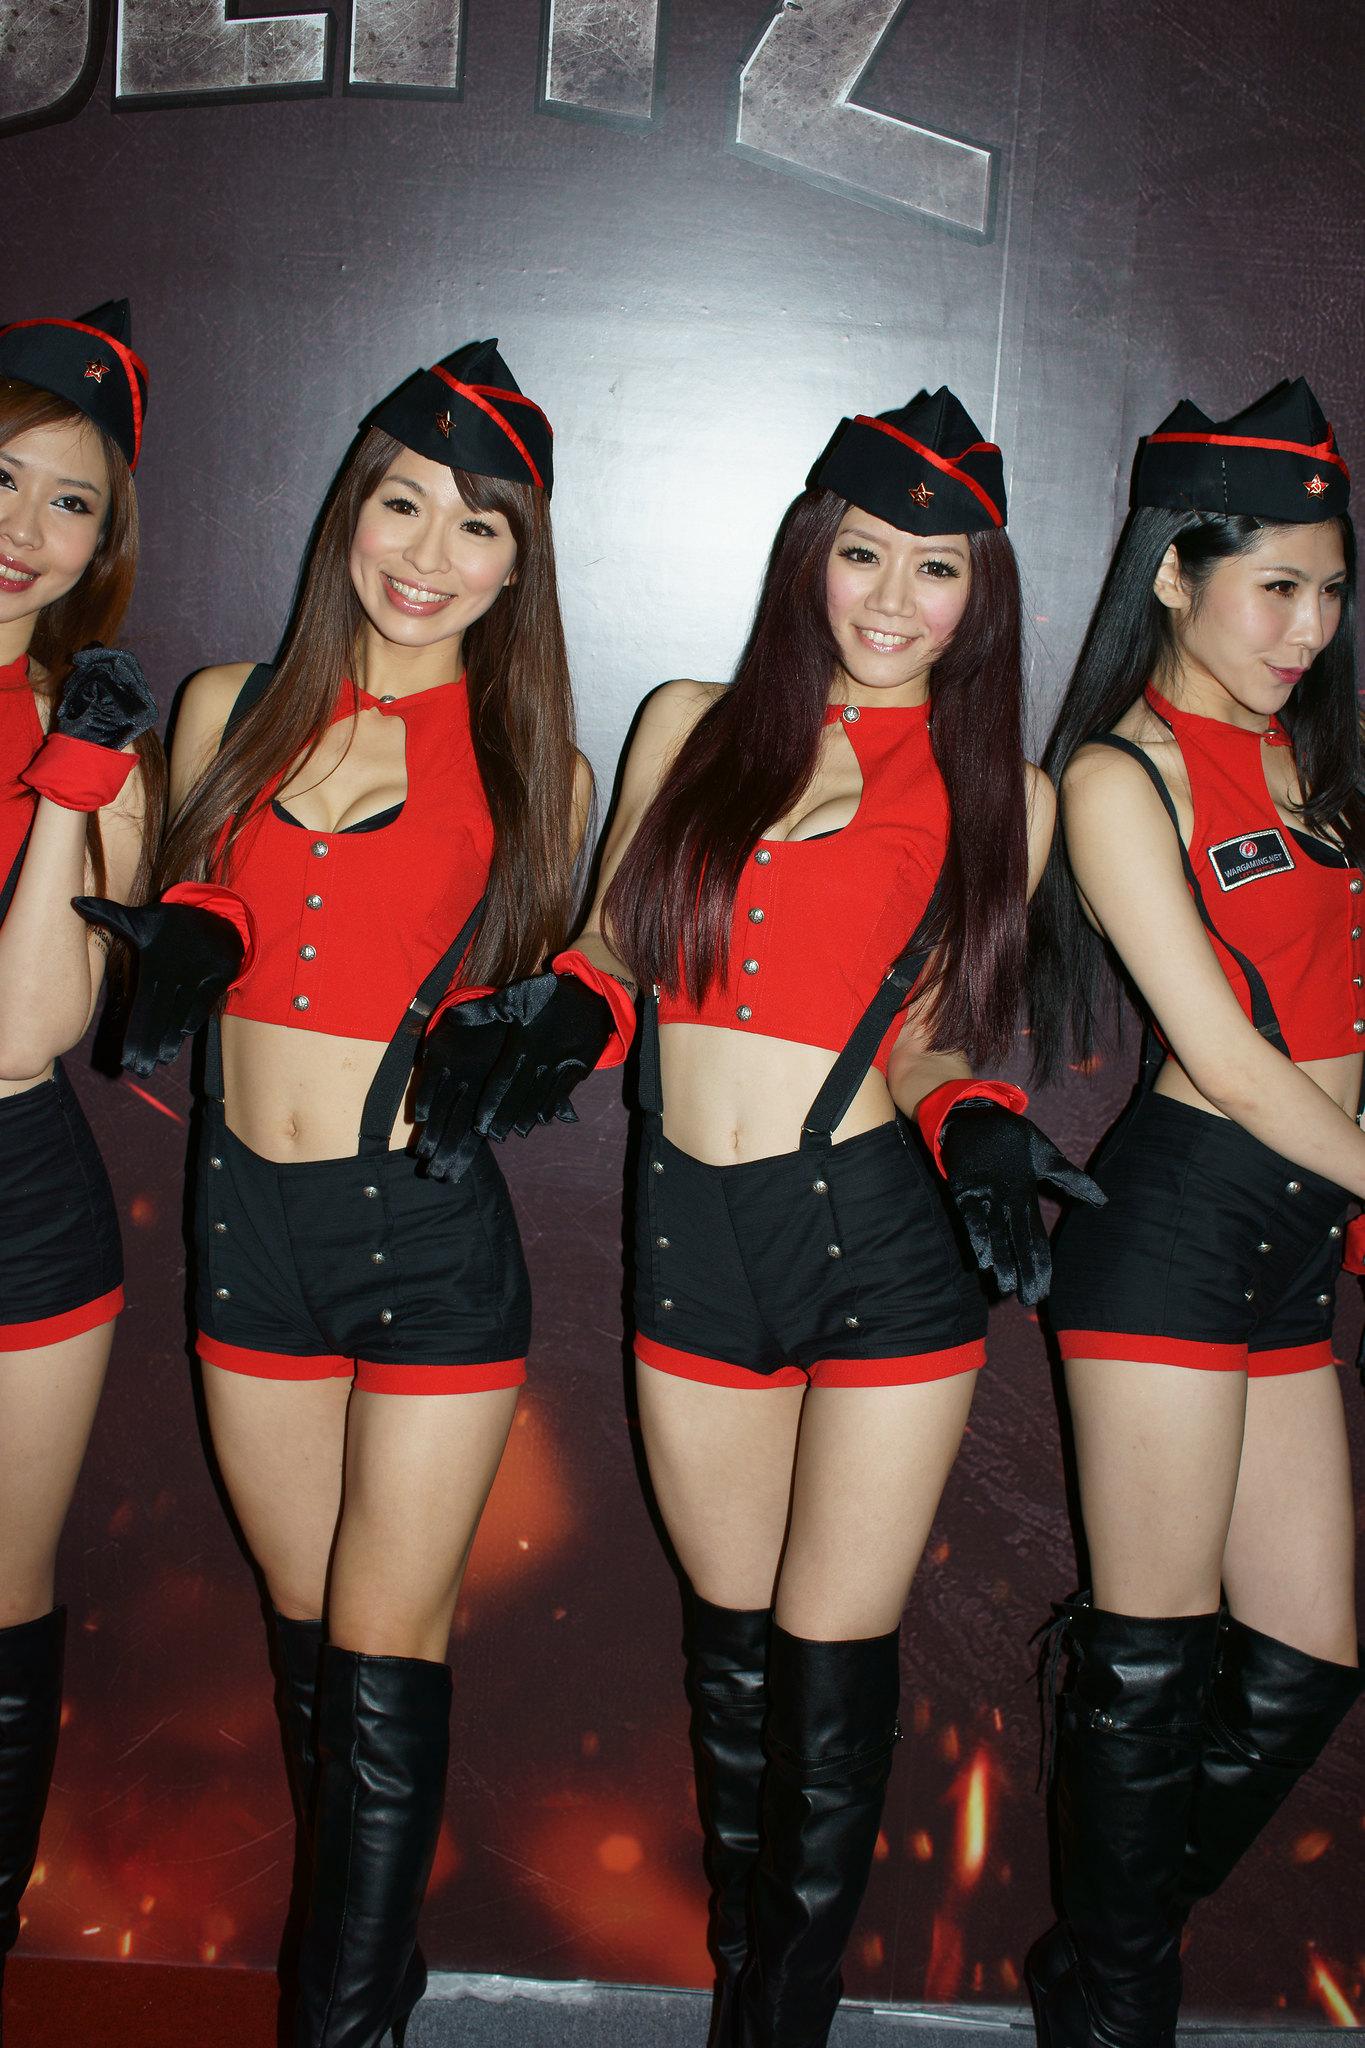 2014臺北國際電玩展(下)_高清大圖 [29P] - 臺灣正妹 - ShowGirl